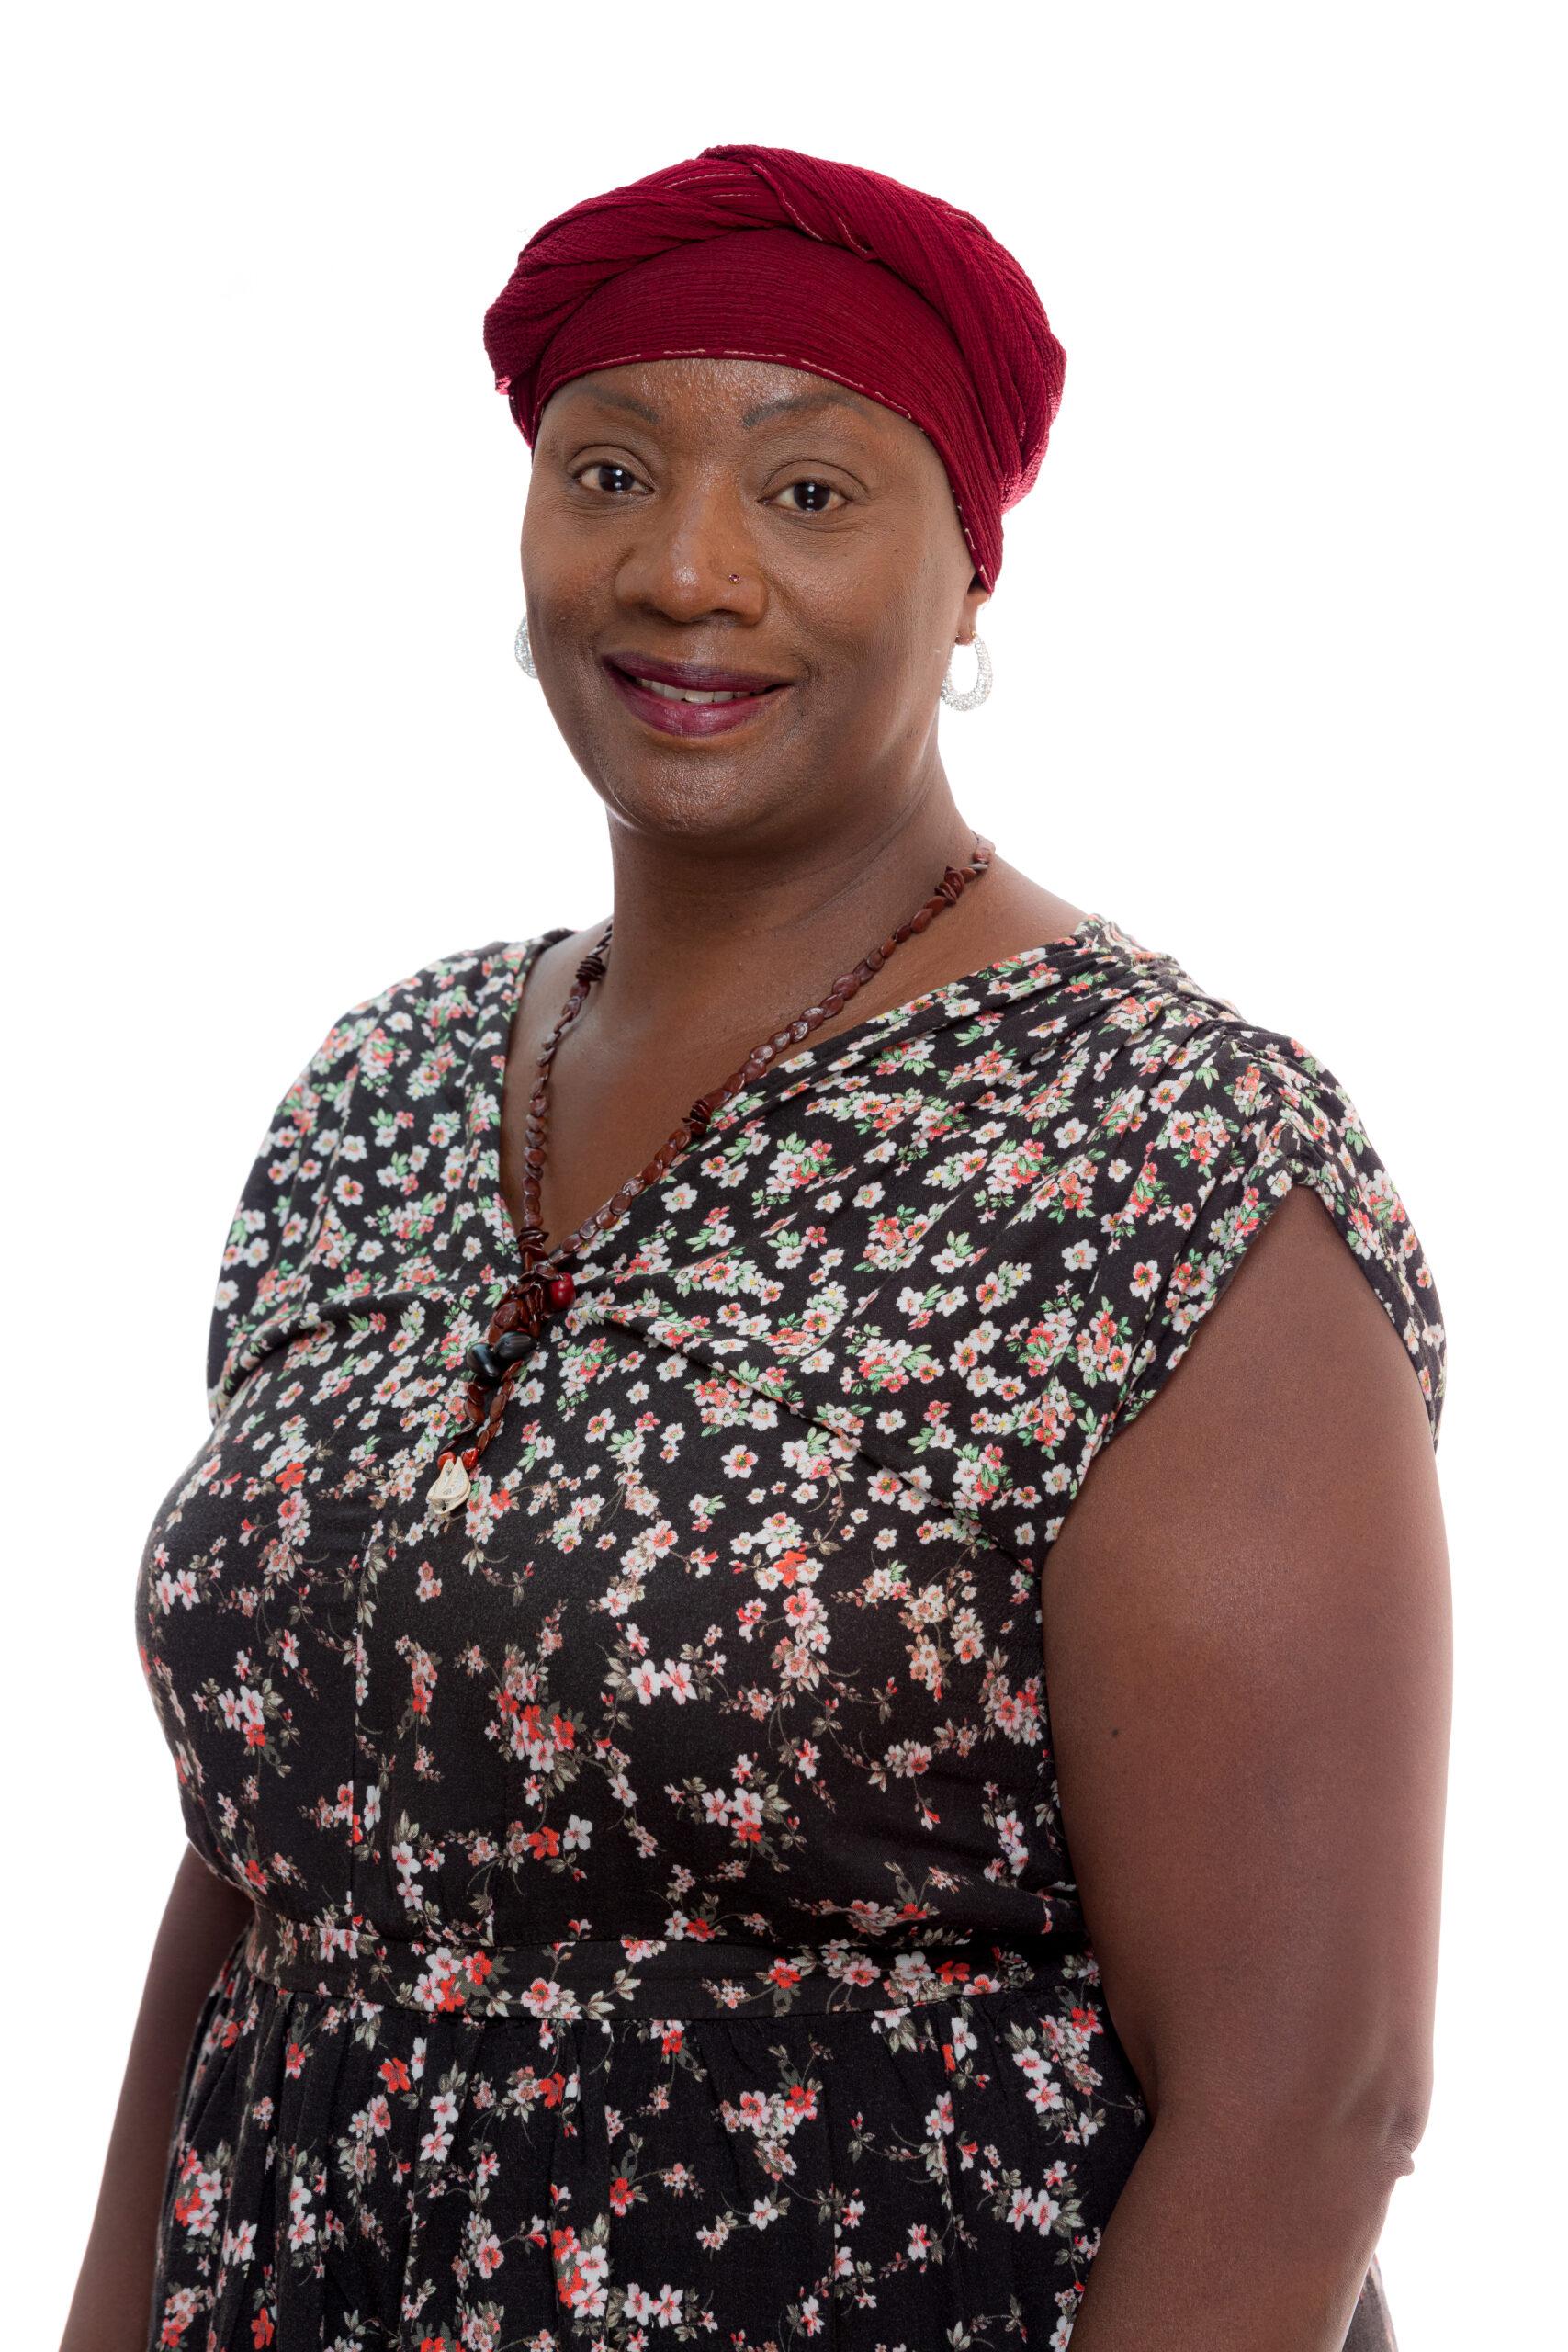 Mrs Haylette